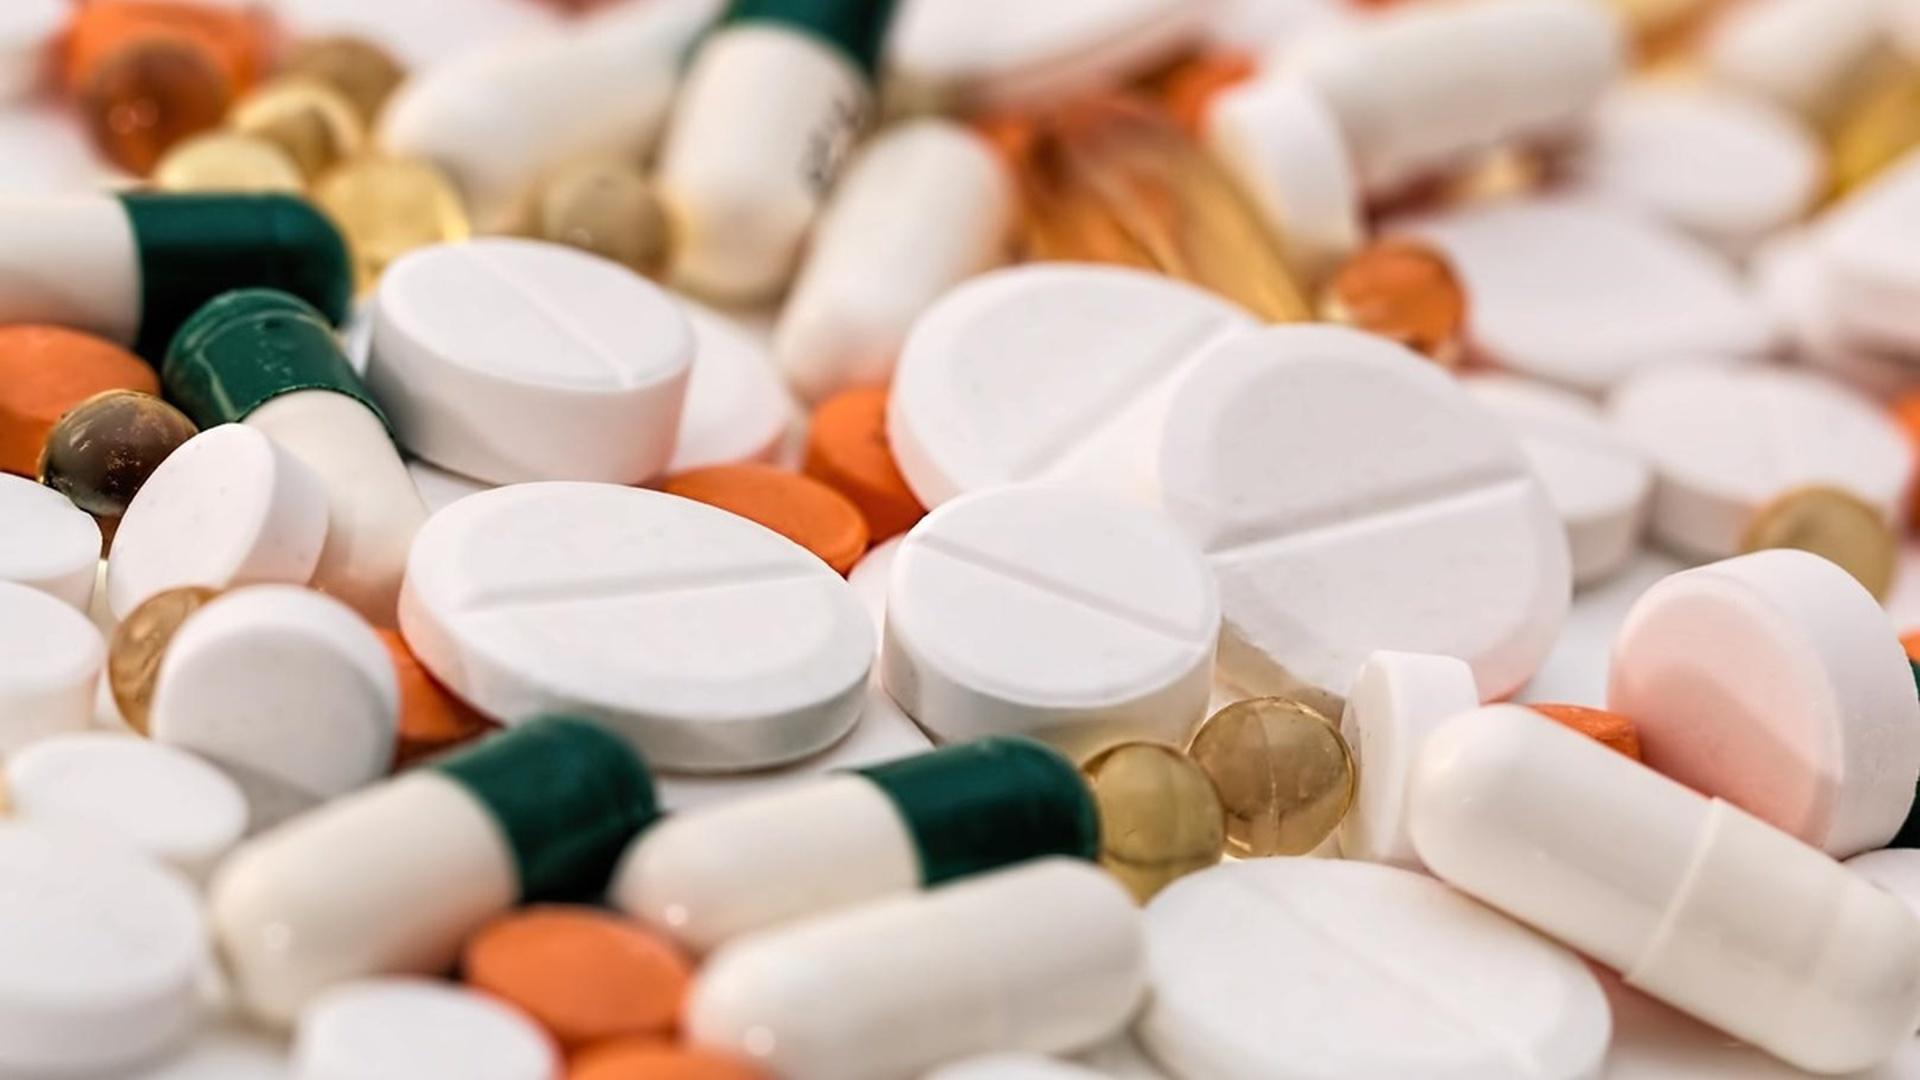 Не одно, так другое: препараты против холестерина вдвое увеличивают риск диабета диабет,медицина,холестерин